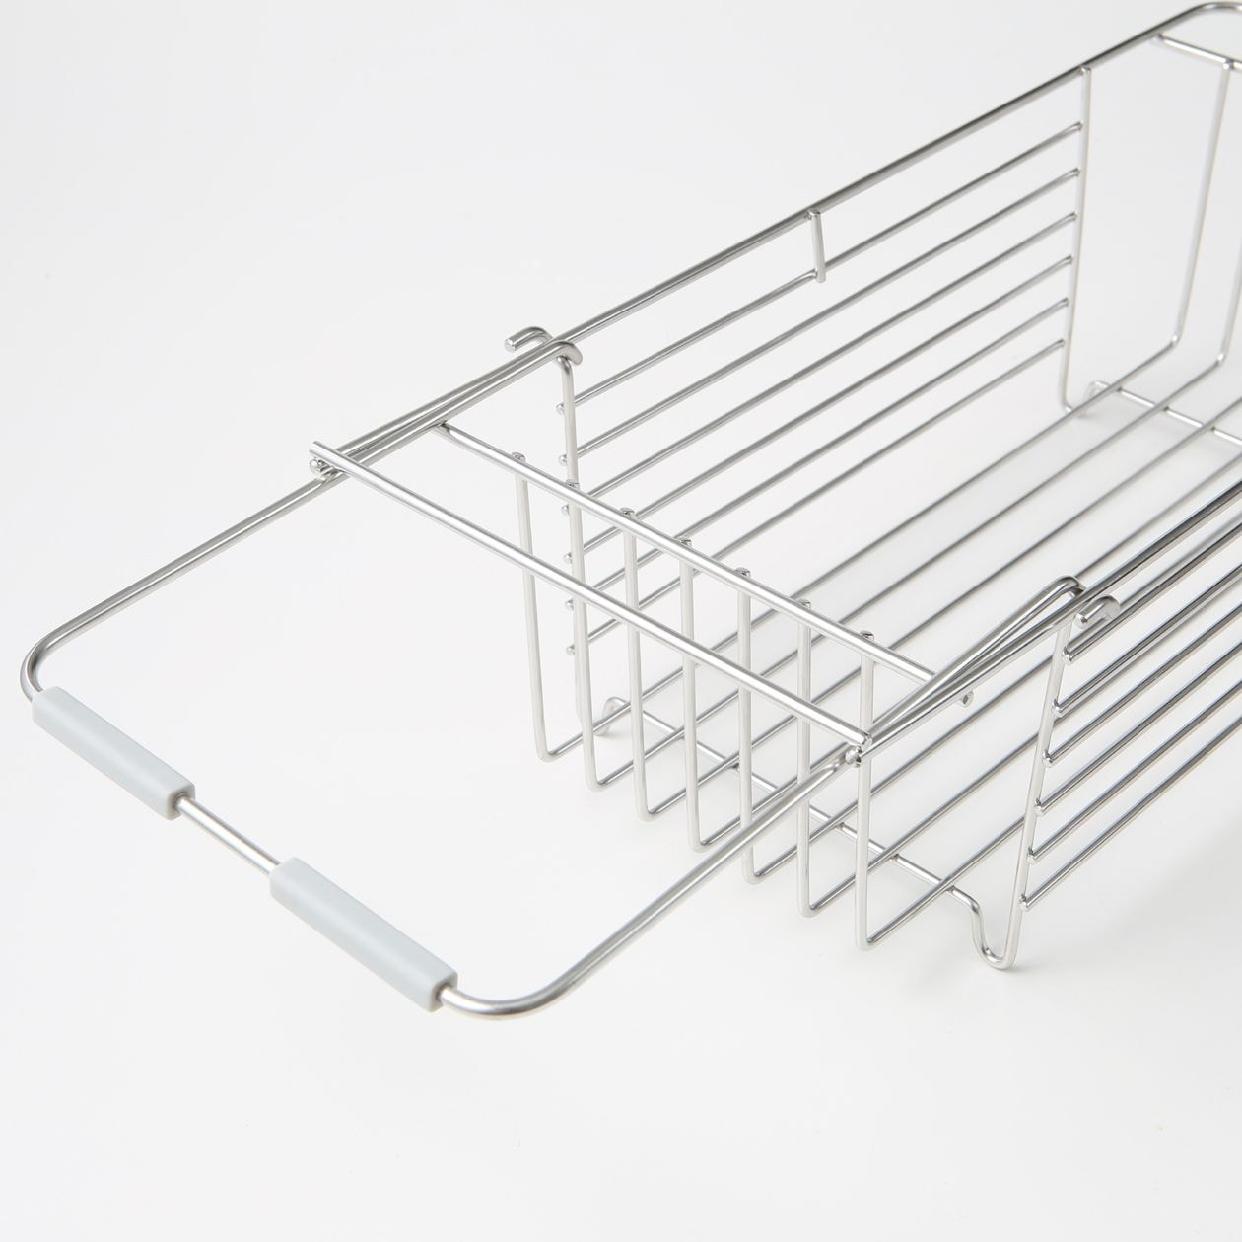 無印良品(MUJI) ステンレスバスケット スライドタイプの商品画像3